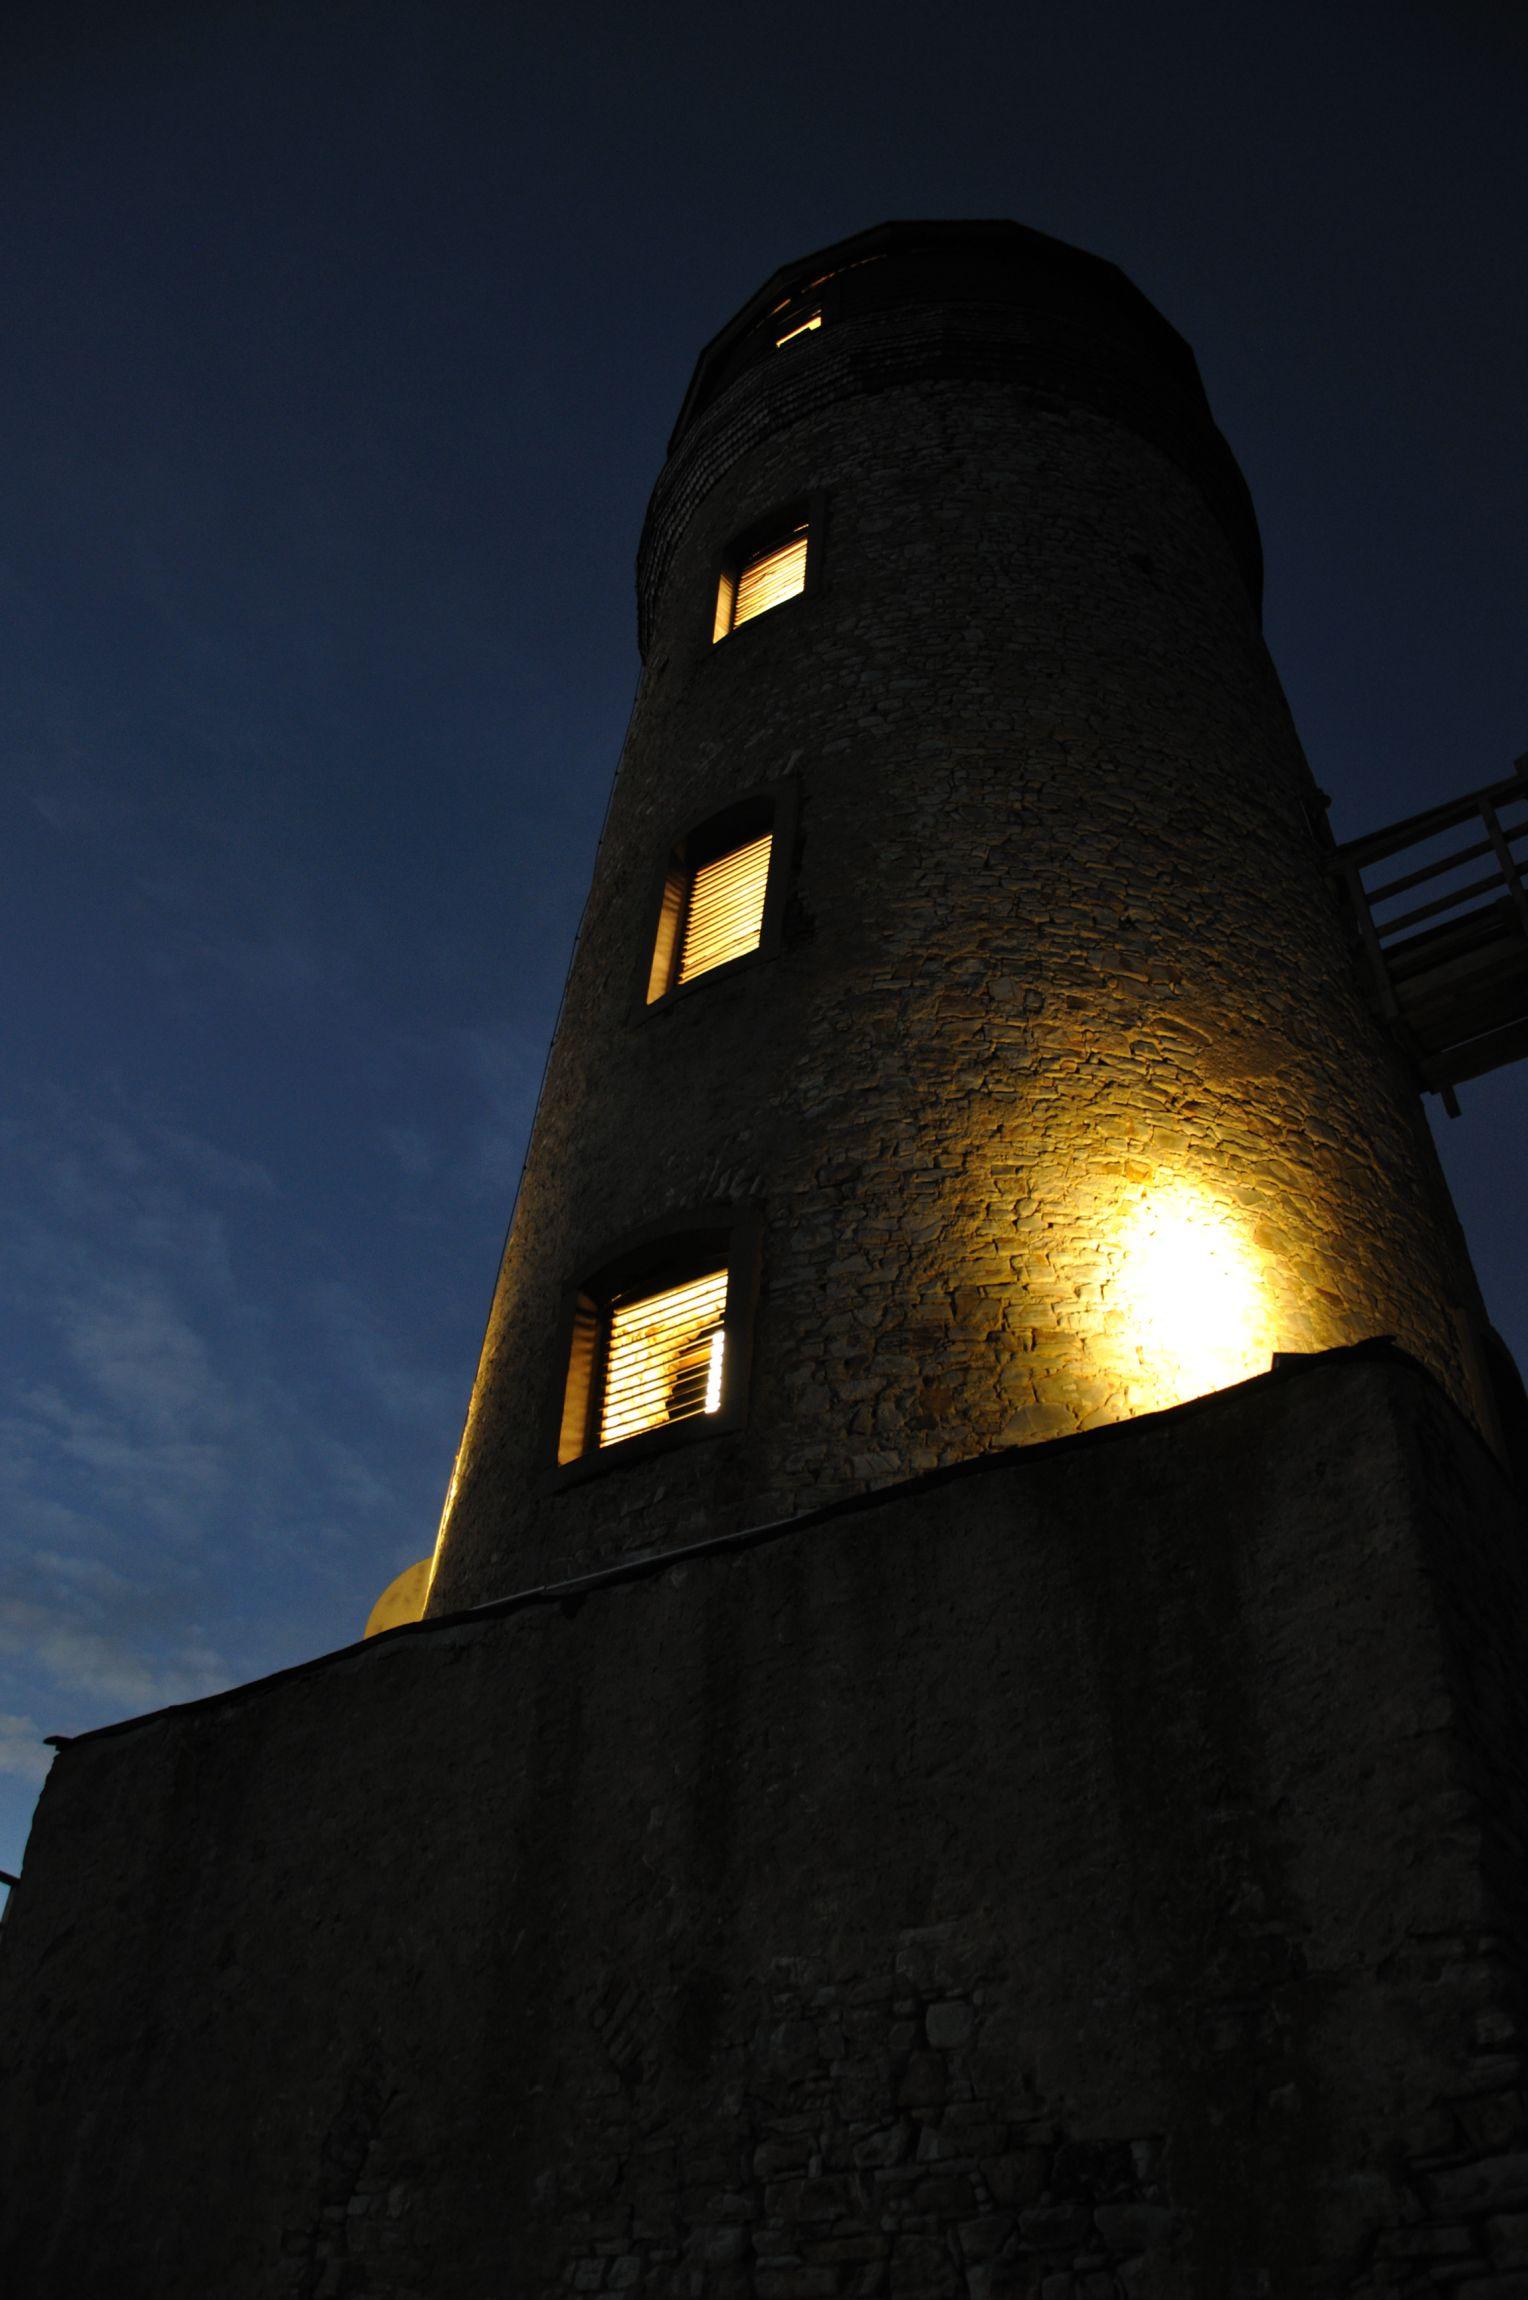 Ansicht eines beleuchteten Turms